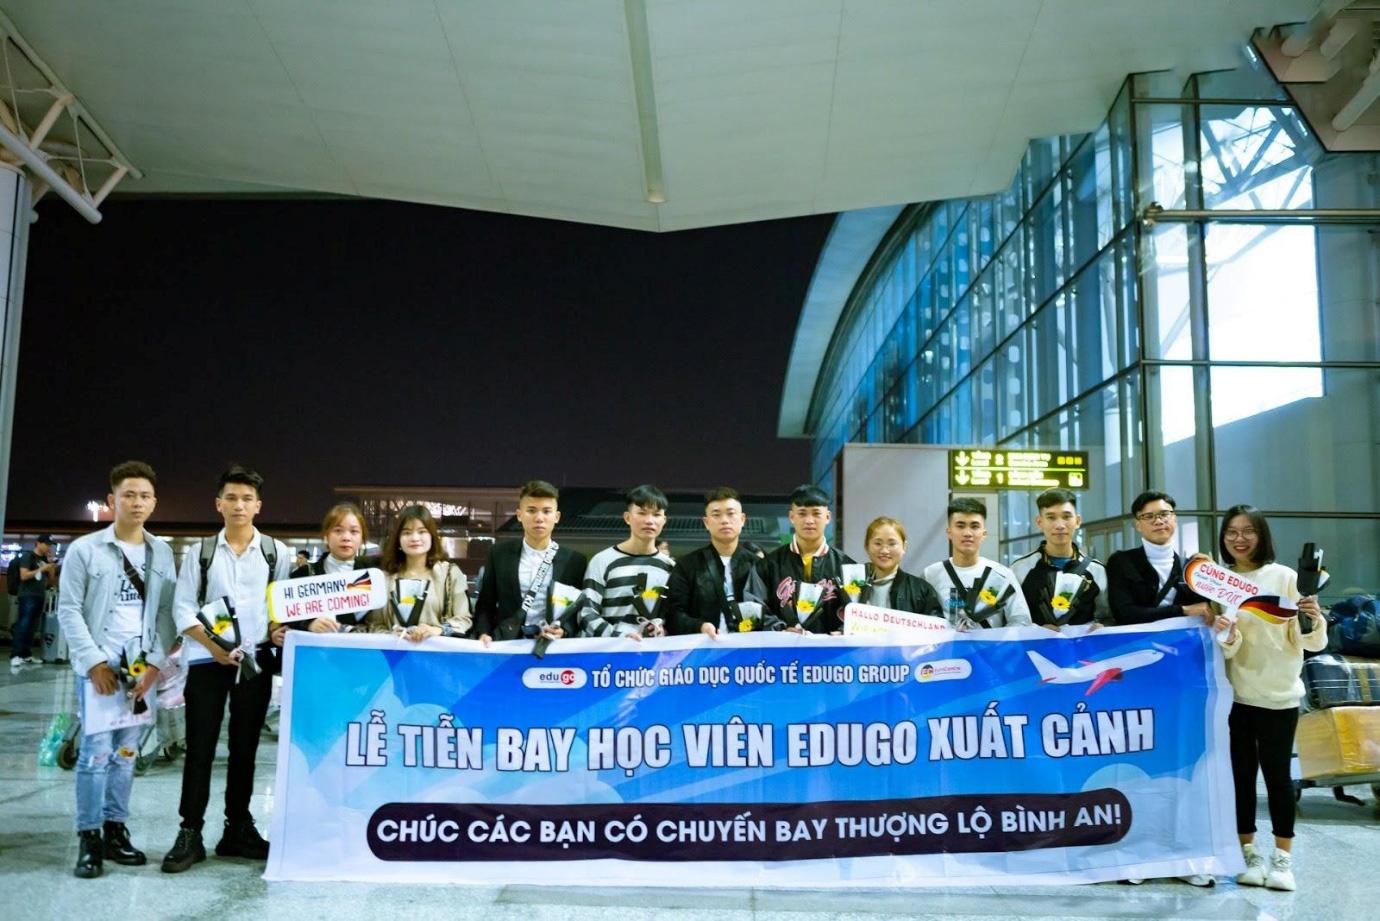 EduGo Group - Nơi chắp cánh ước mơ tới Đức của thế hệ trẻ Việt Nam - Ảnh 1.